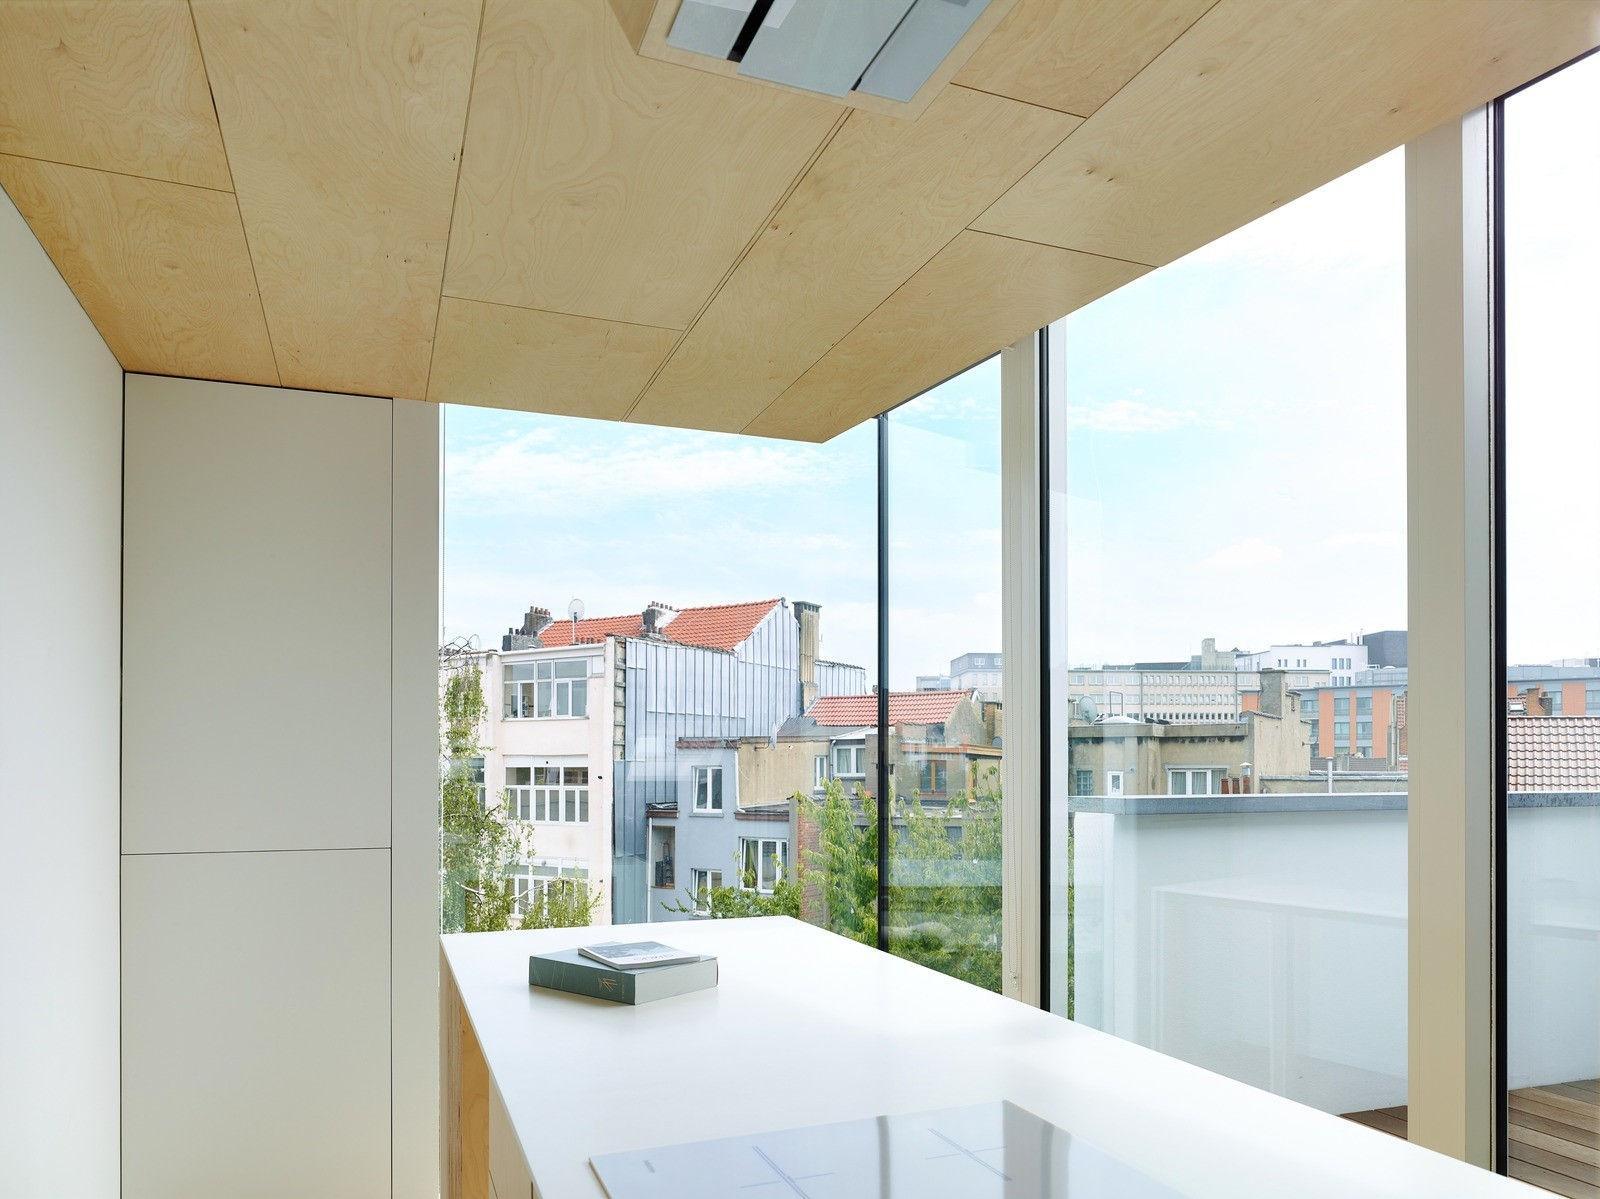 House-in-Belgium-just3ds.com-6